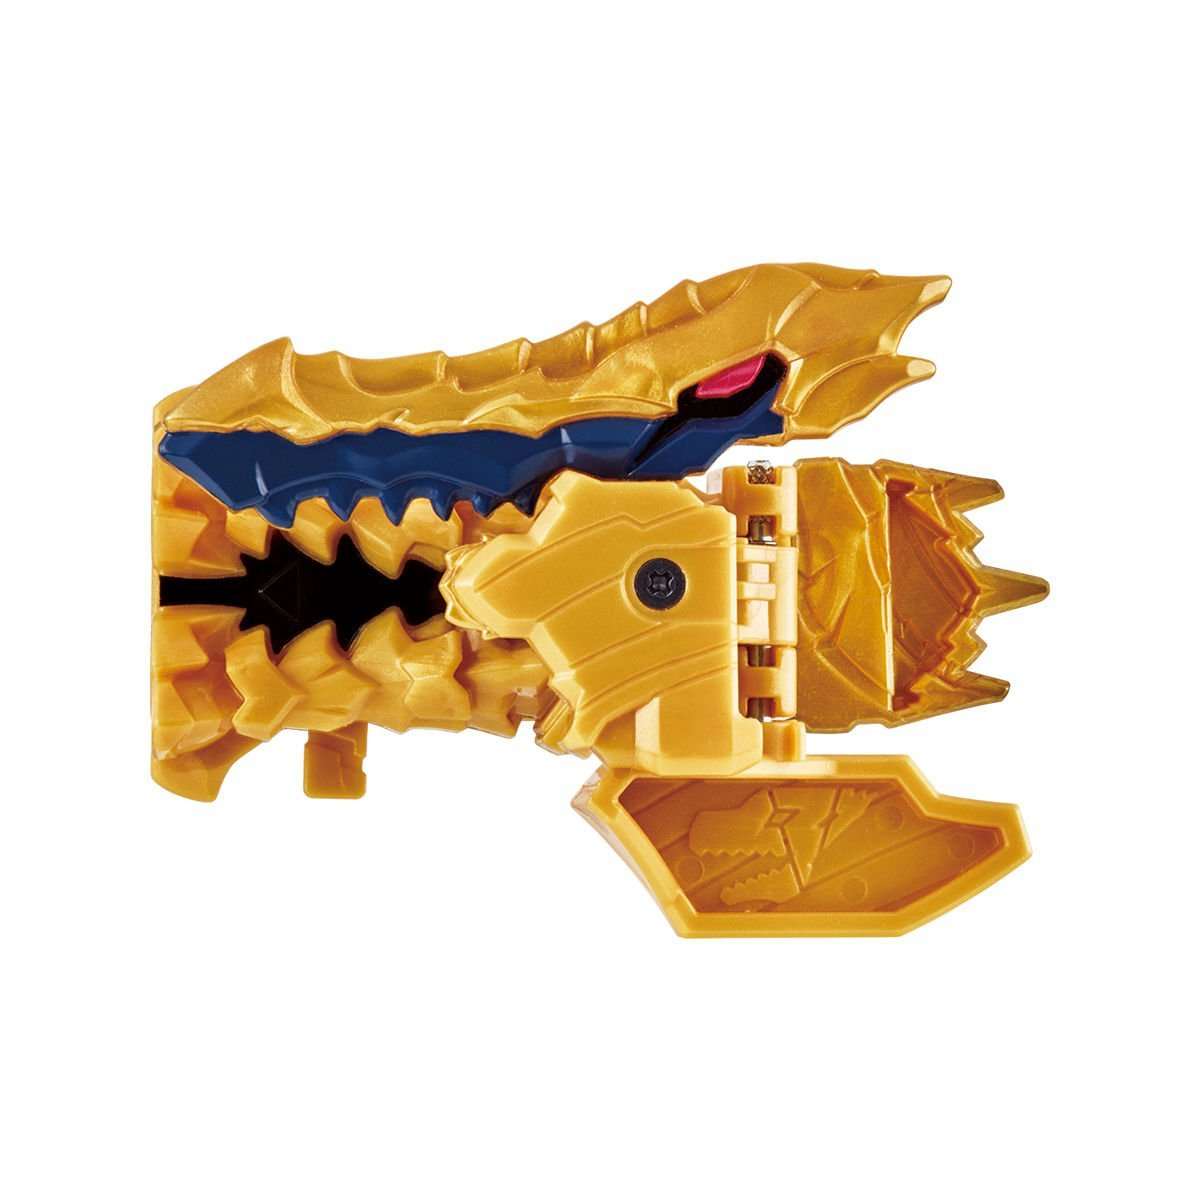 騎士龍戰隊 07 龍裝合裝 DX騎士 龍海王